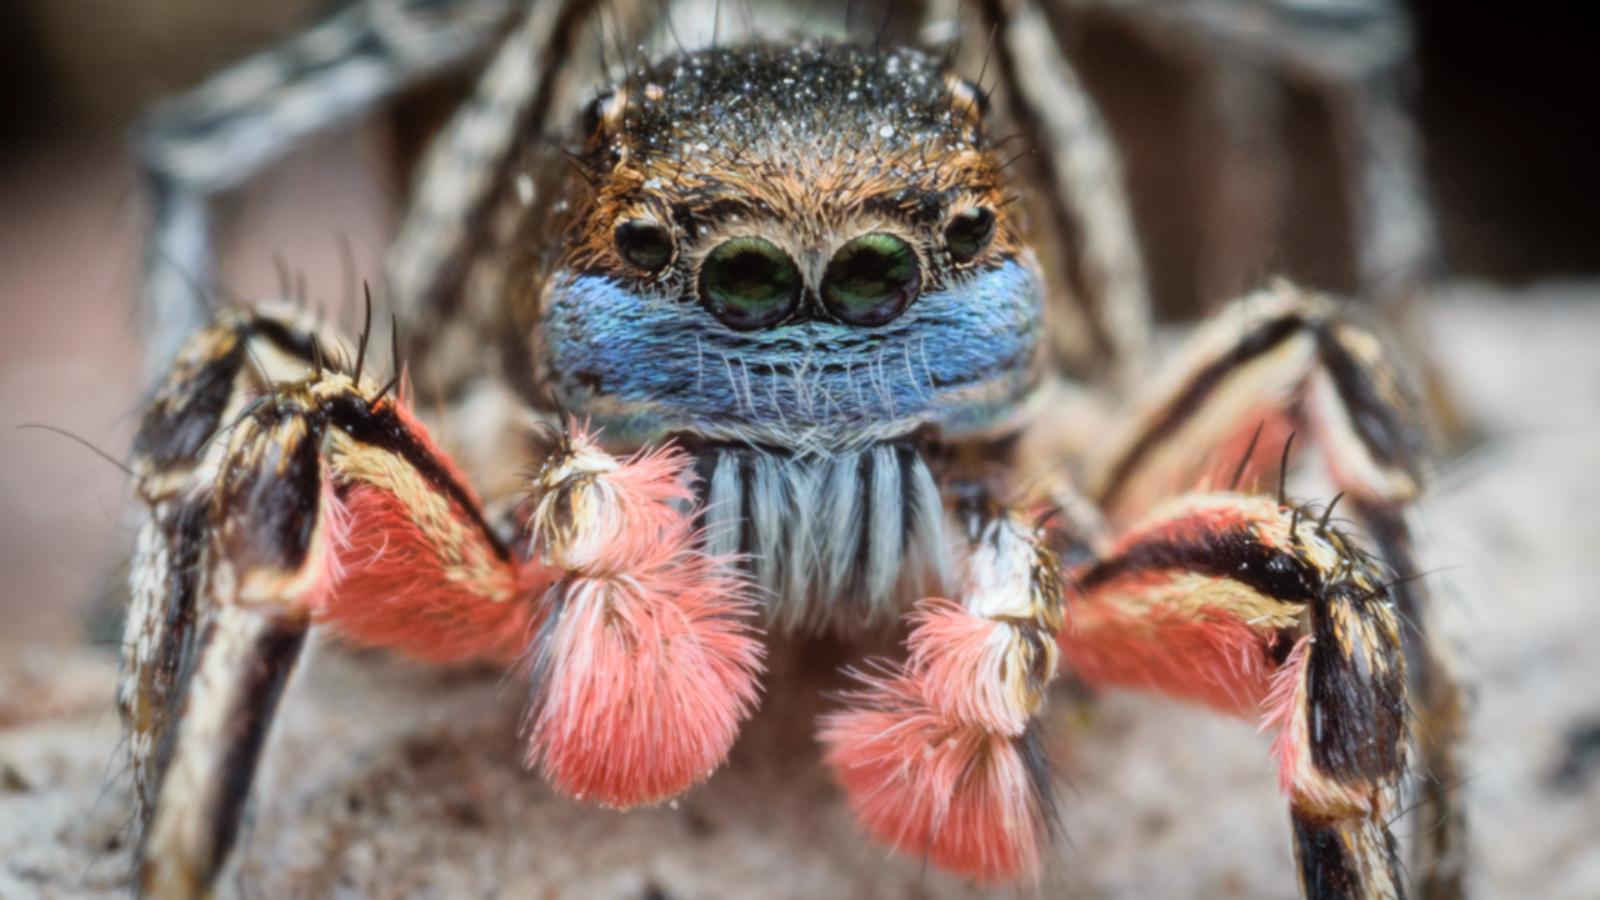 Habronattus americanus spider